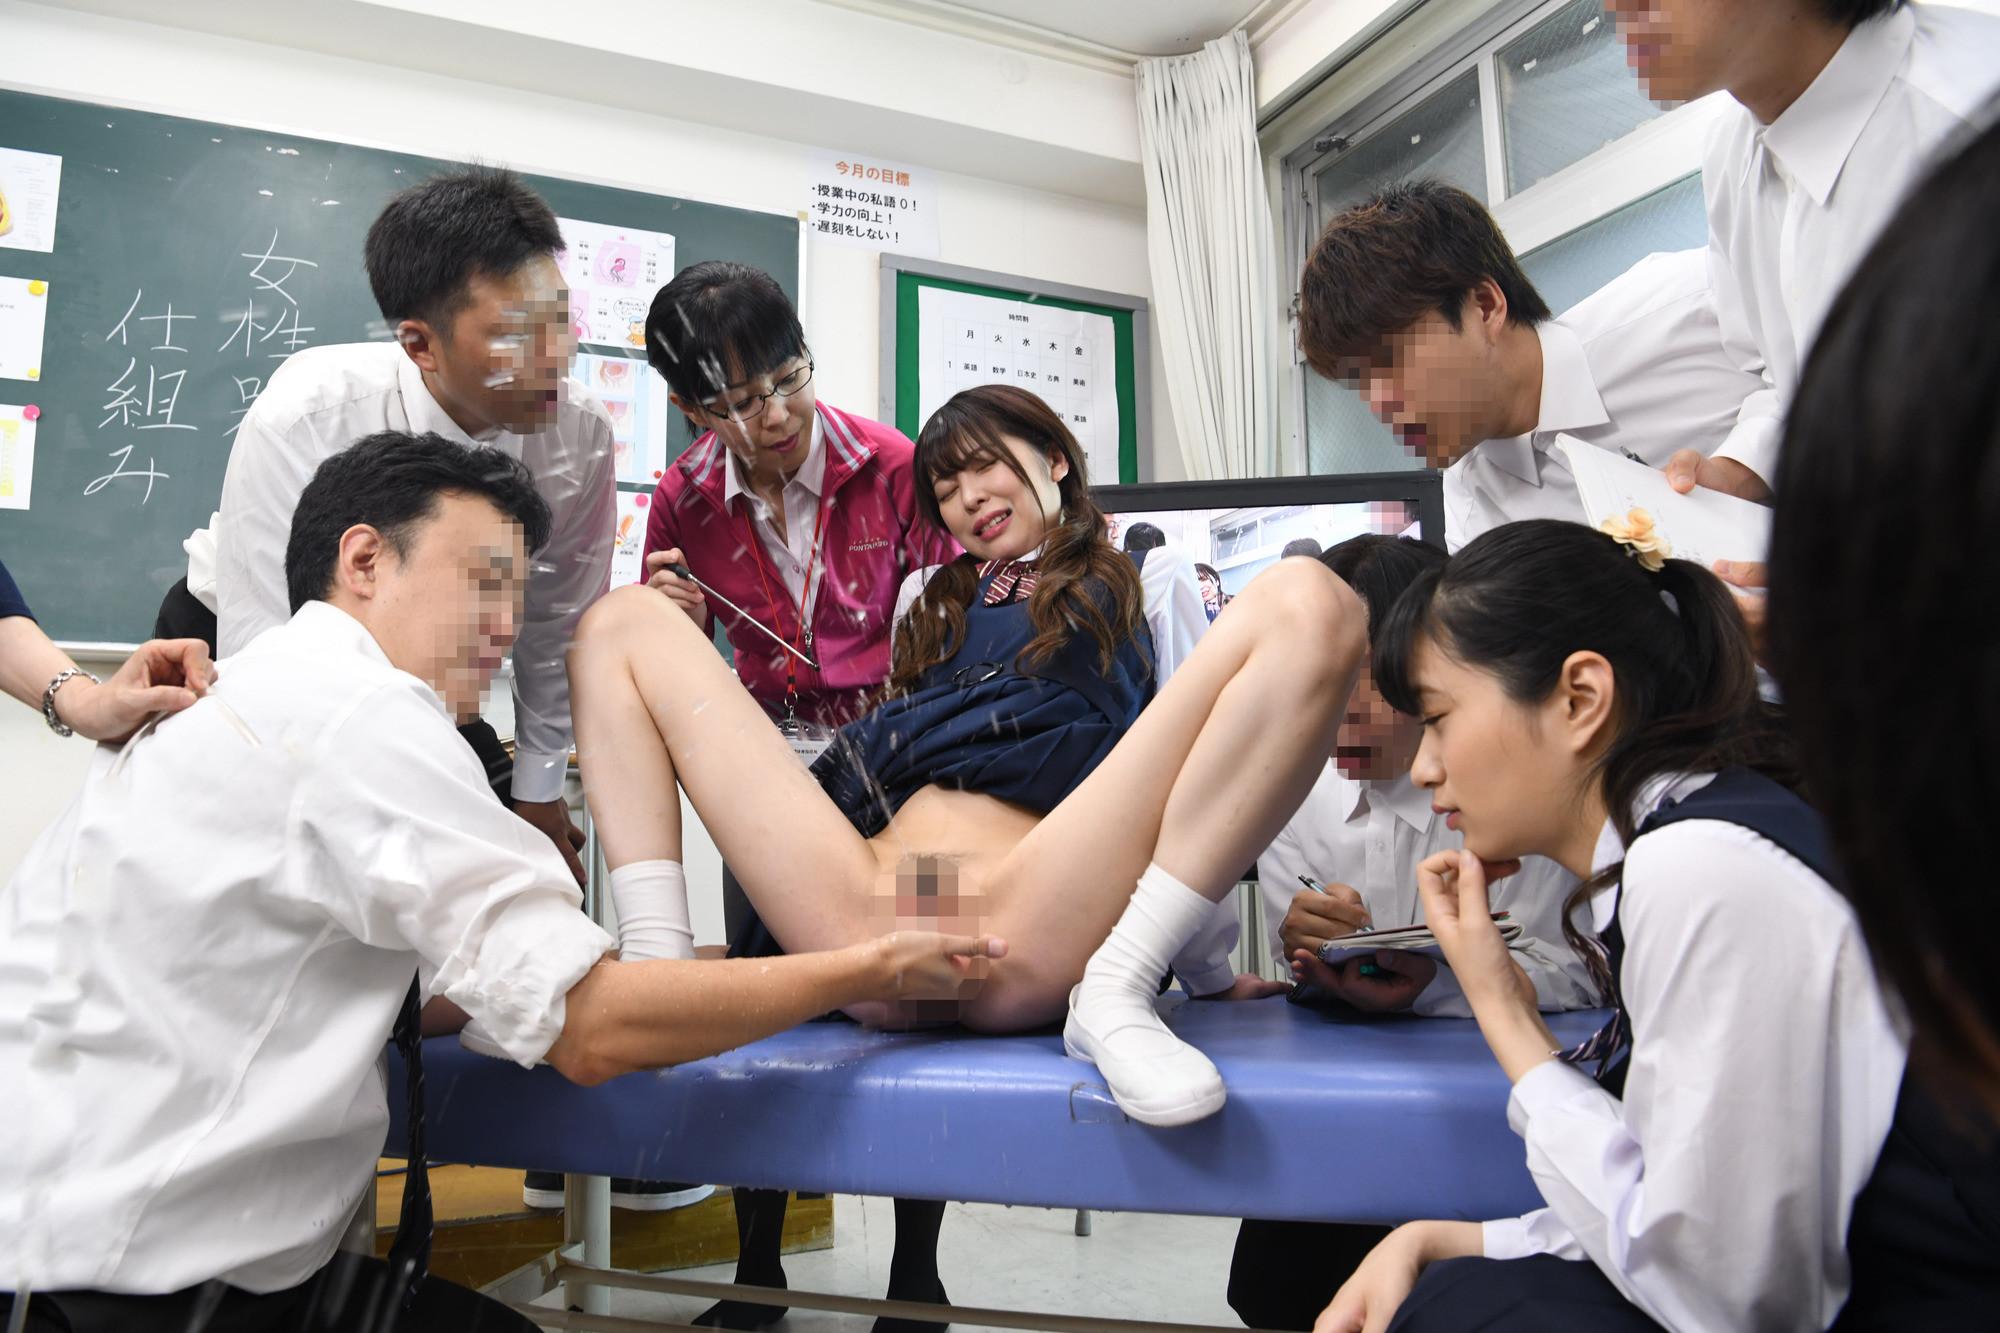 羞恥 男女が体の違いを全裸になって学習する質の高い授業を実践する共学高校の保健体育 5